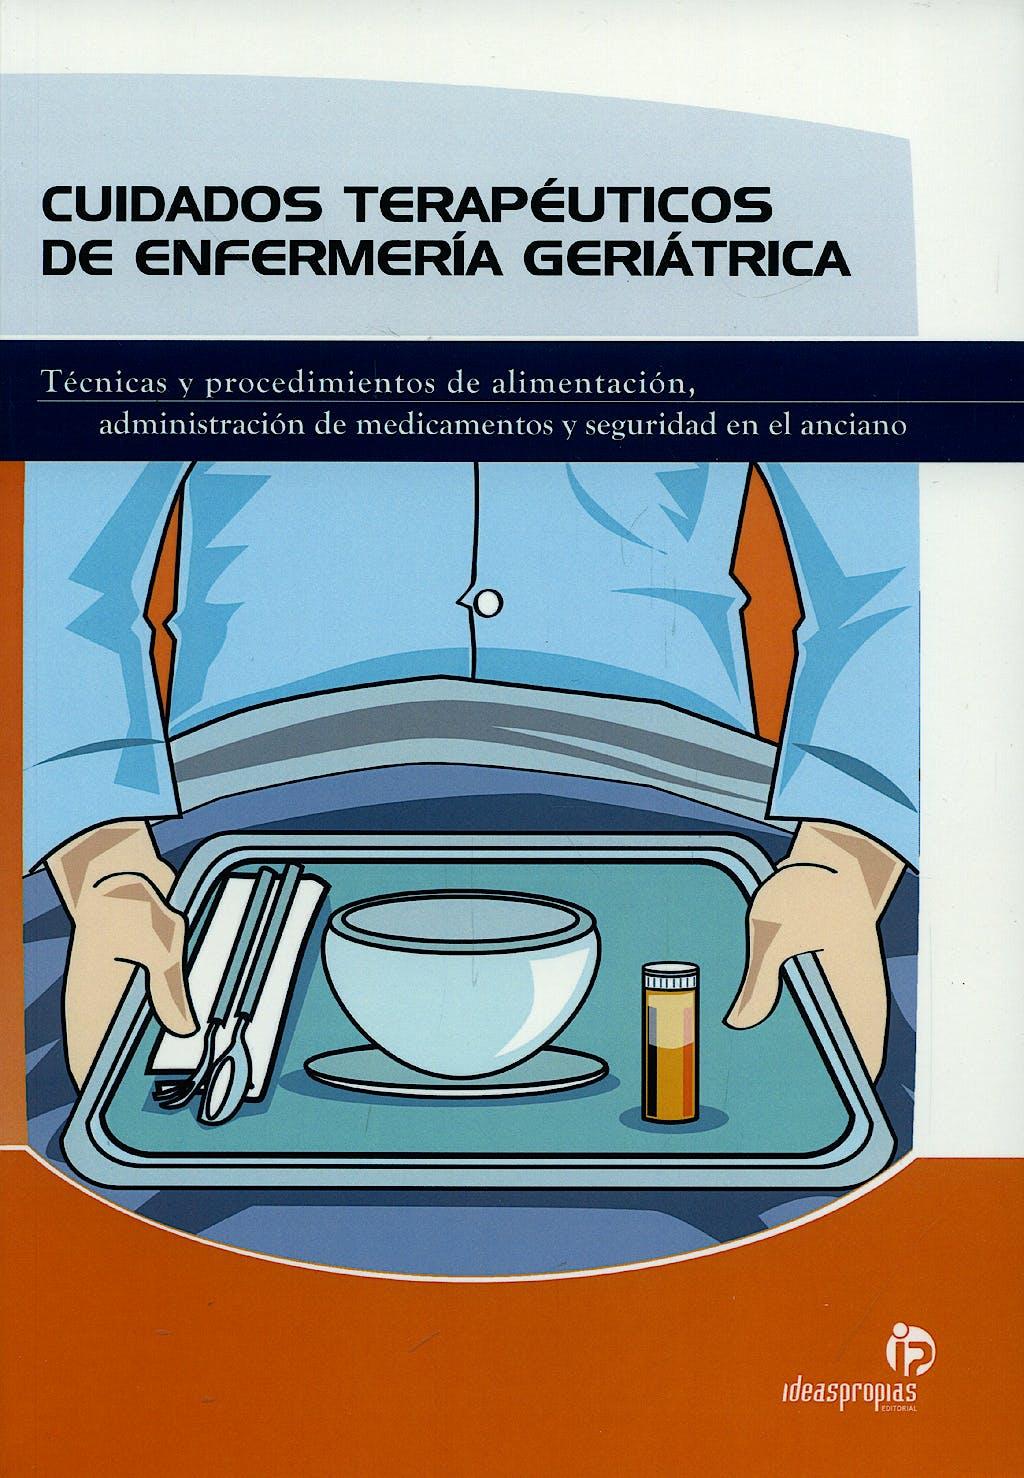 Portada del libro 9788498391282 Cuidados Terapeuticos de Enfermeria Geriatrica. Tecnicas y Procedimientos de Alimentacion, Administracion de Medicamentos y Seguridad en el Anciano